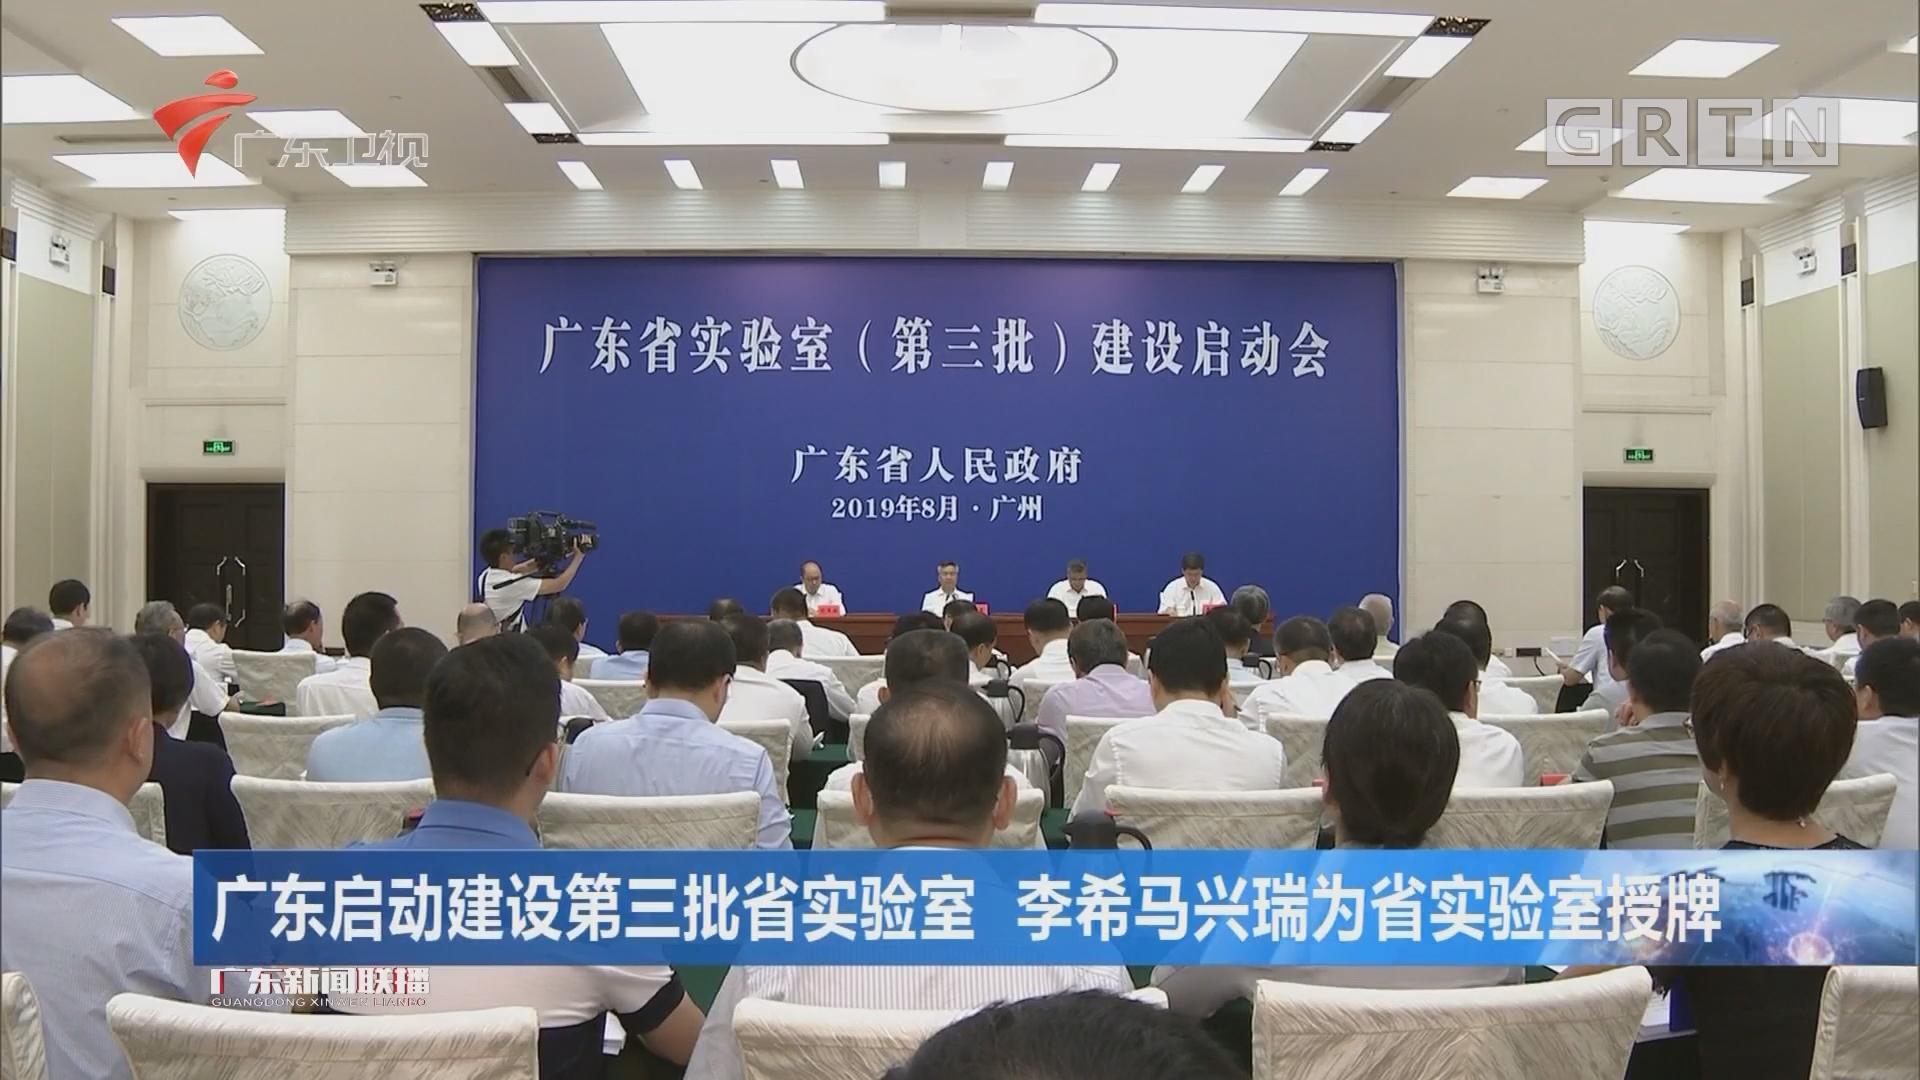 广东启动建设第三批省实验室 李希马兴瑞为省实验室授牌